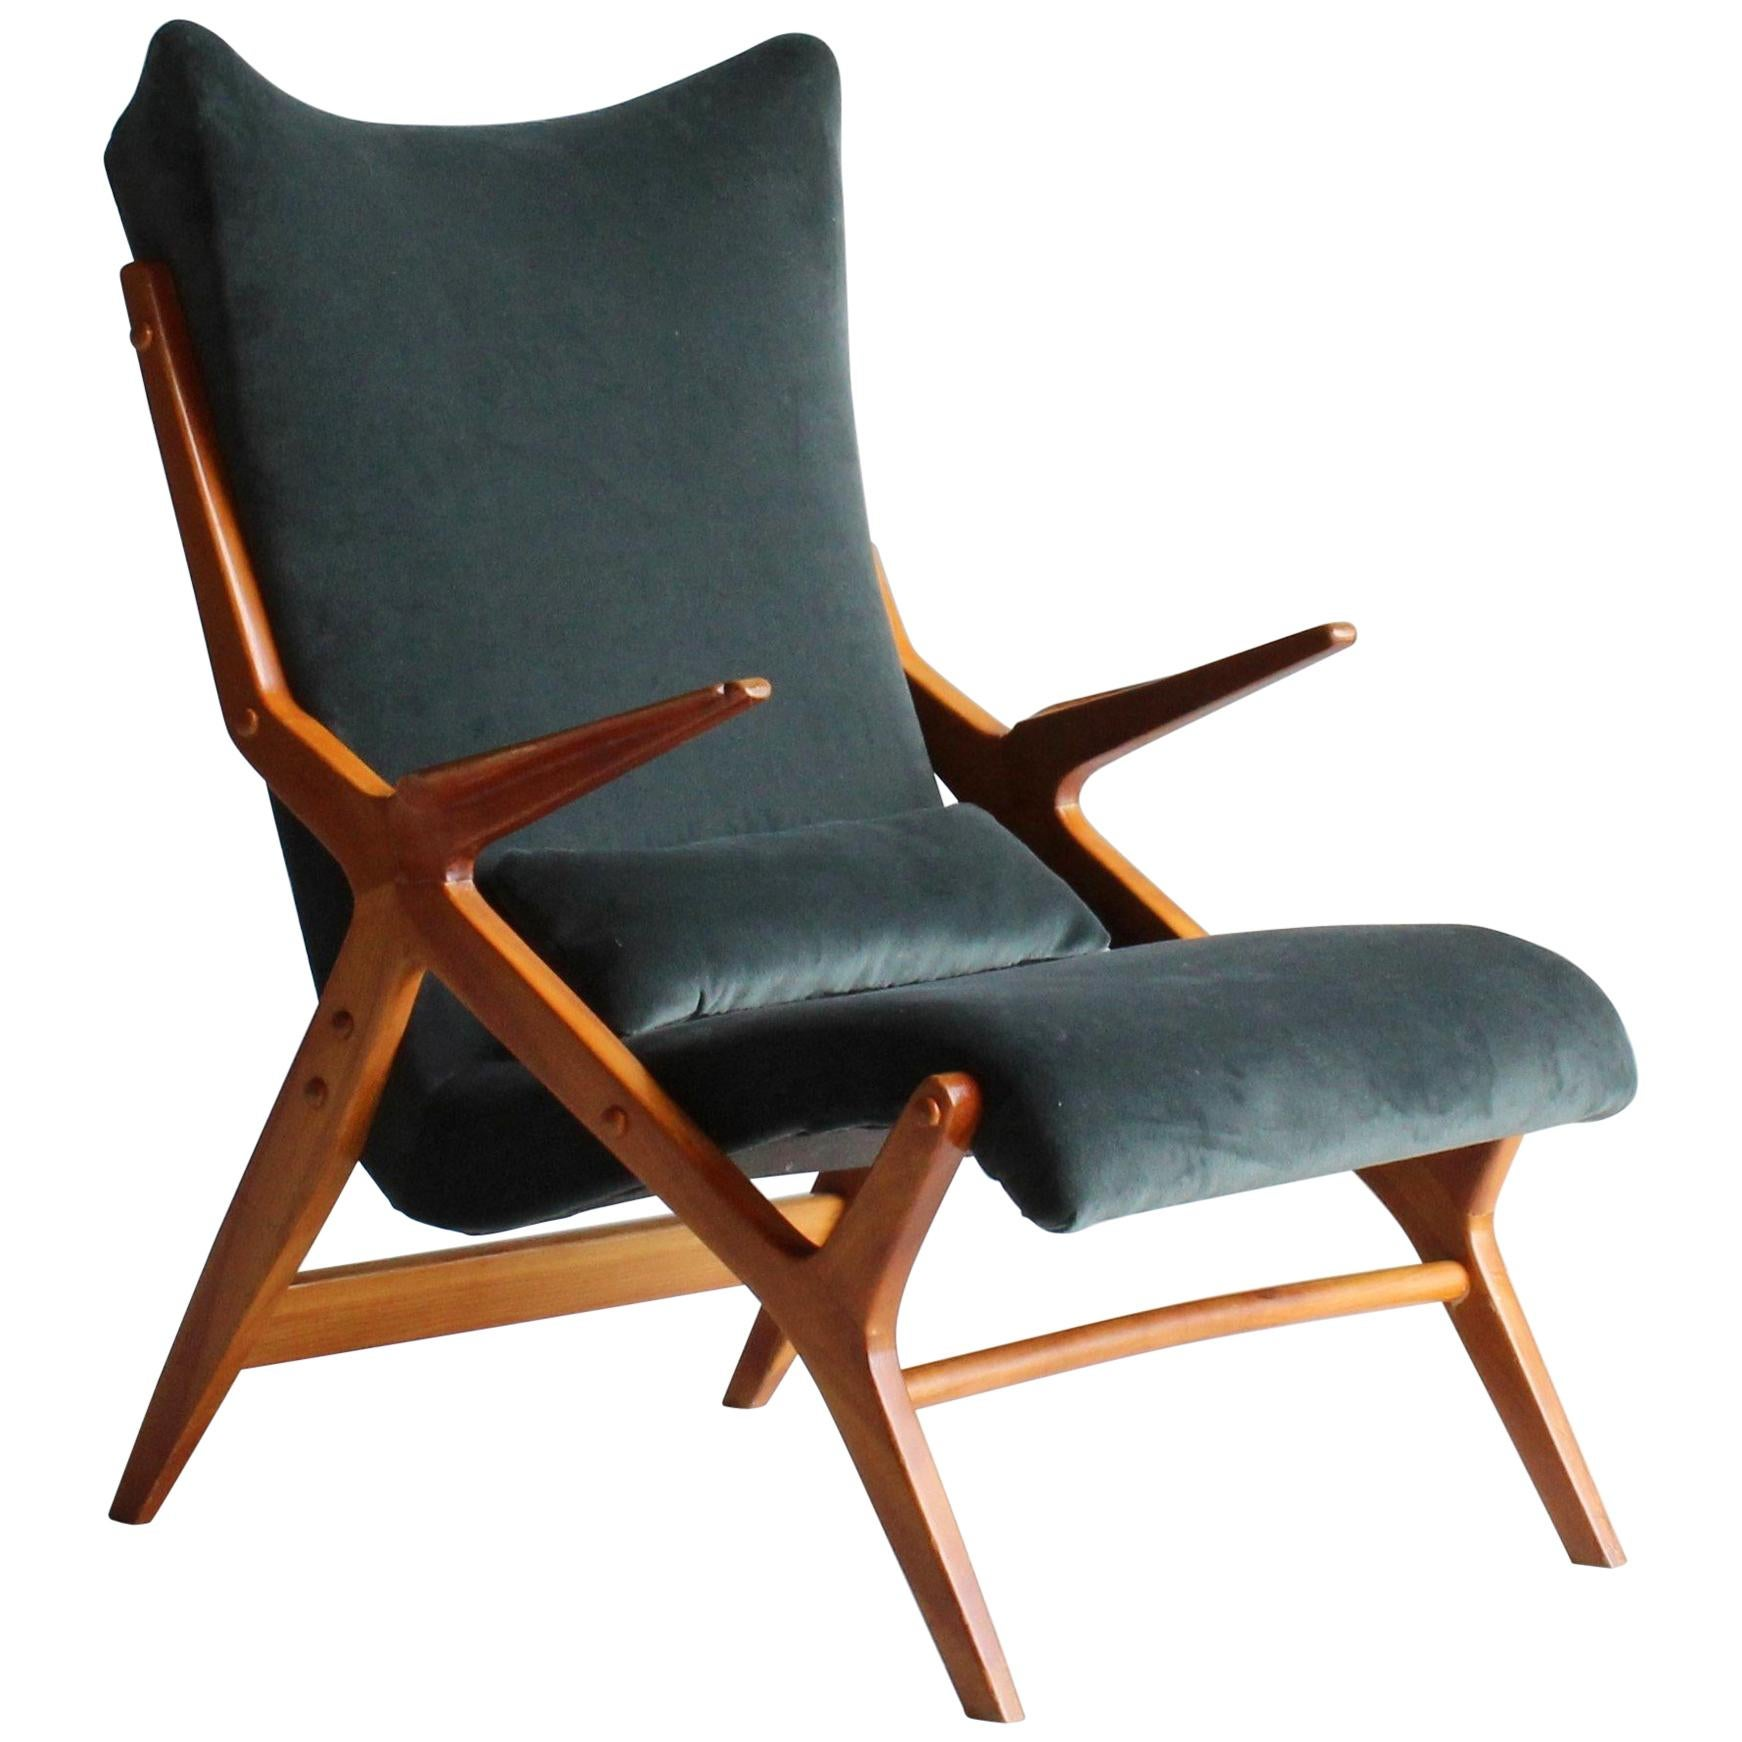 Scandinavian Modernist Designer, Lounge Chair, Elm, Green / Blue Velvet, 1950s